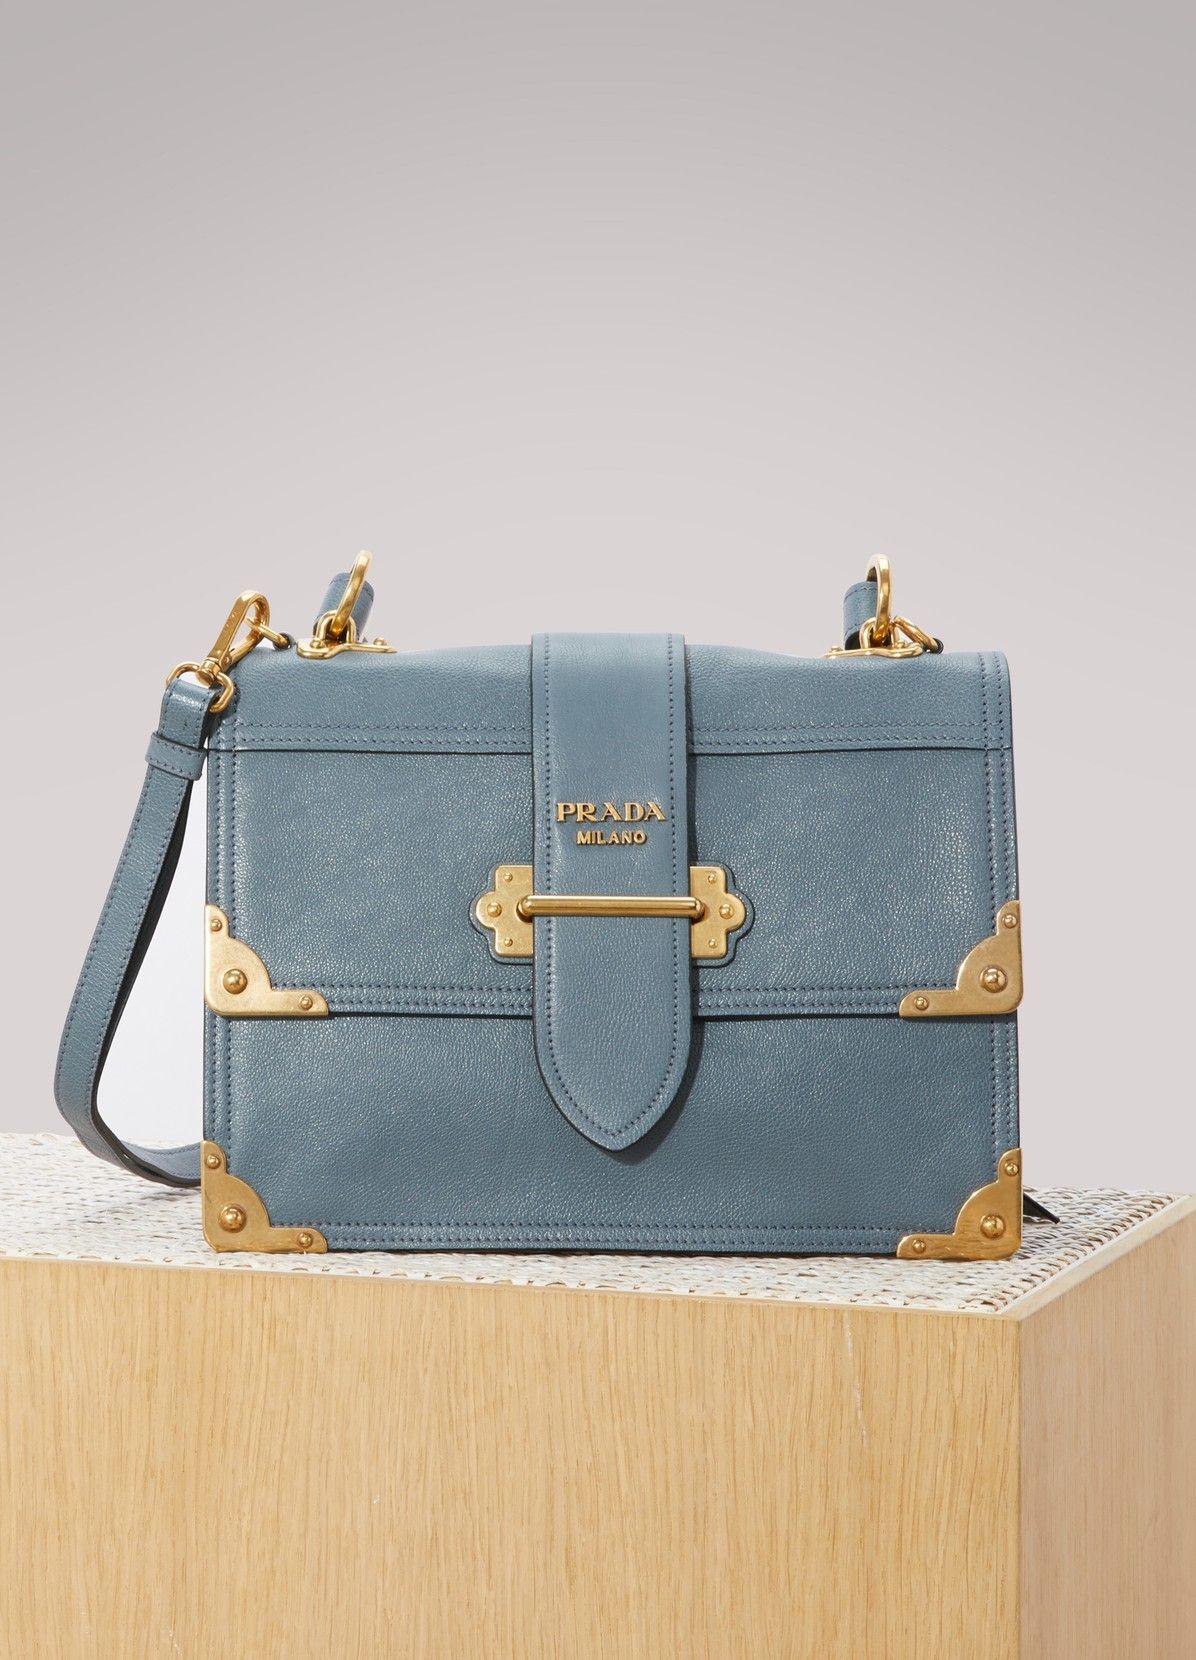 9a1fe167b392 PRADA Cahier shoulder bag